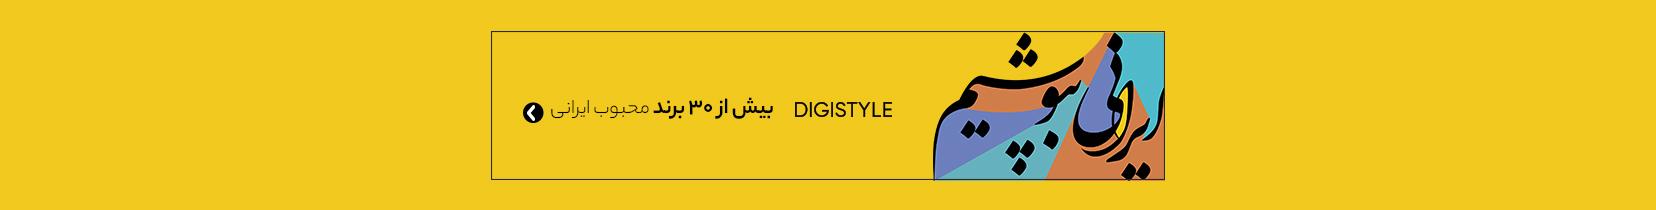 دیجی استایل - ایرانی بپوشیم